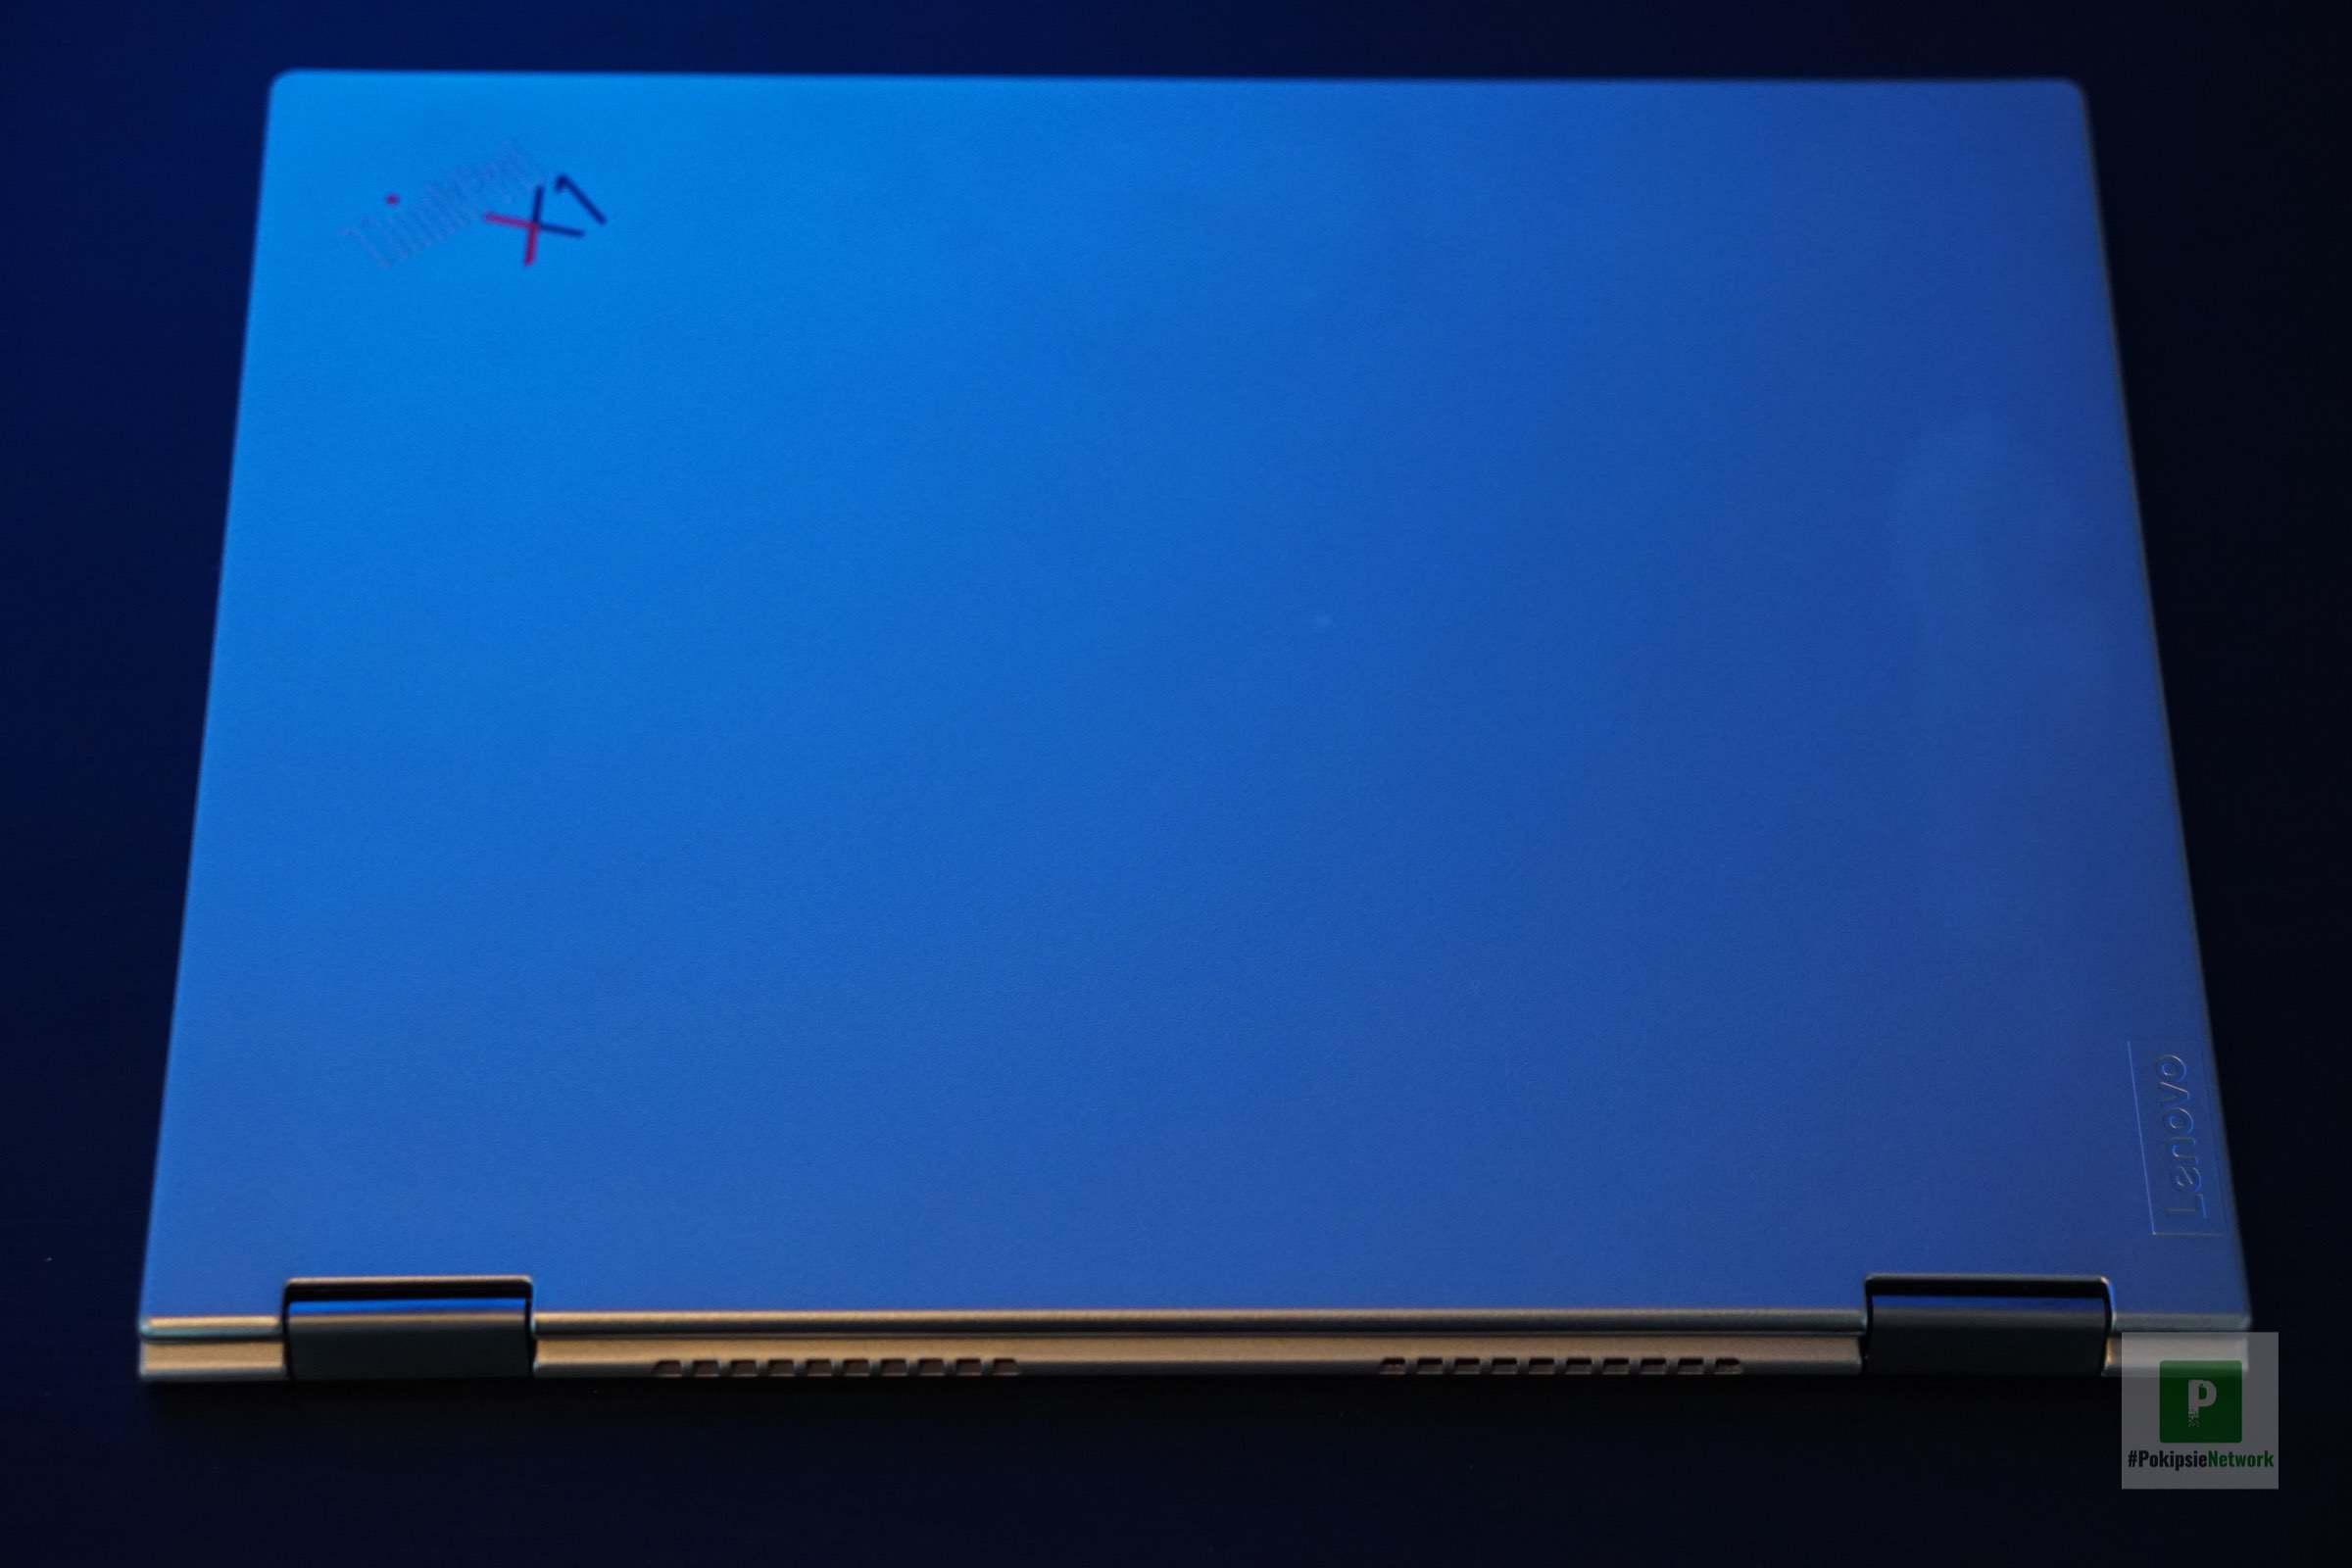 Das Ultrabook von oben